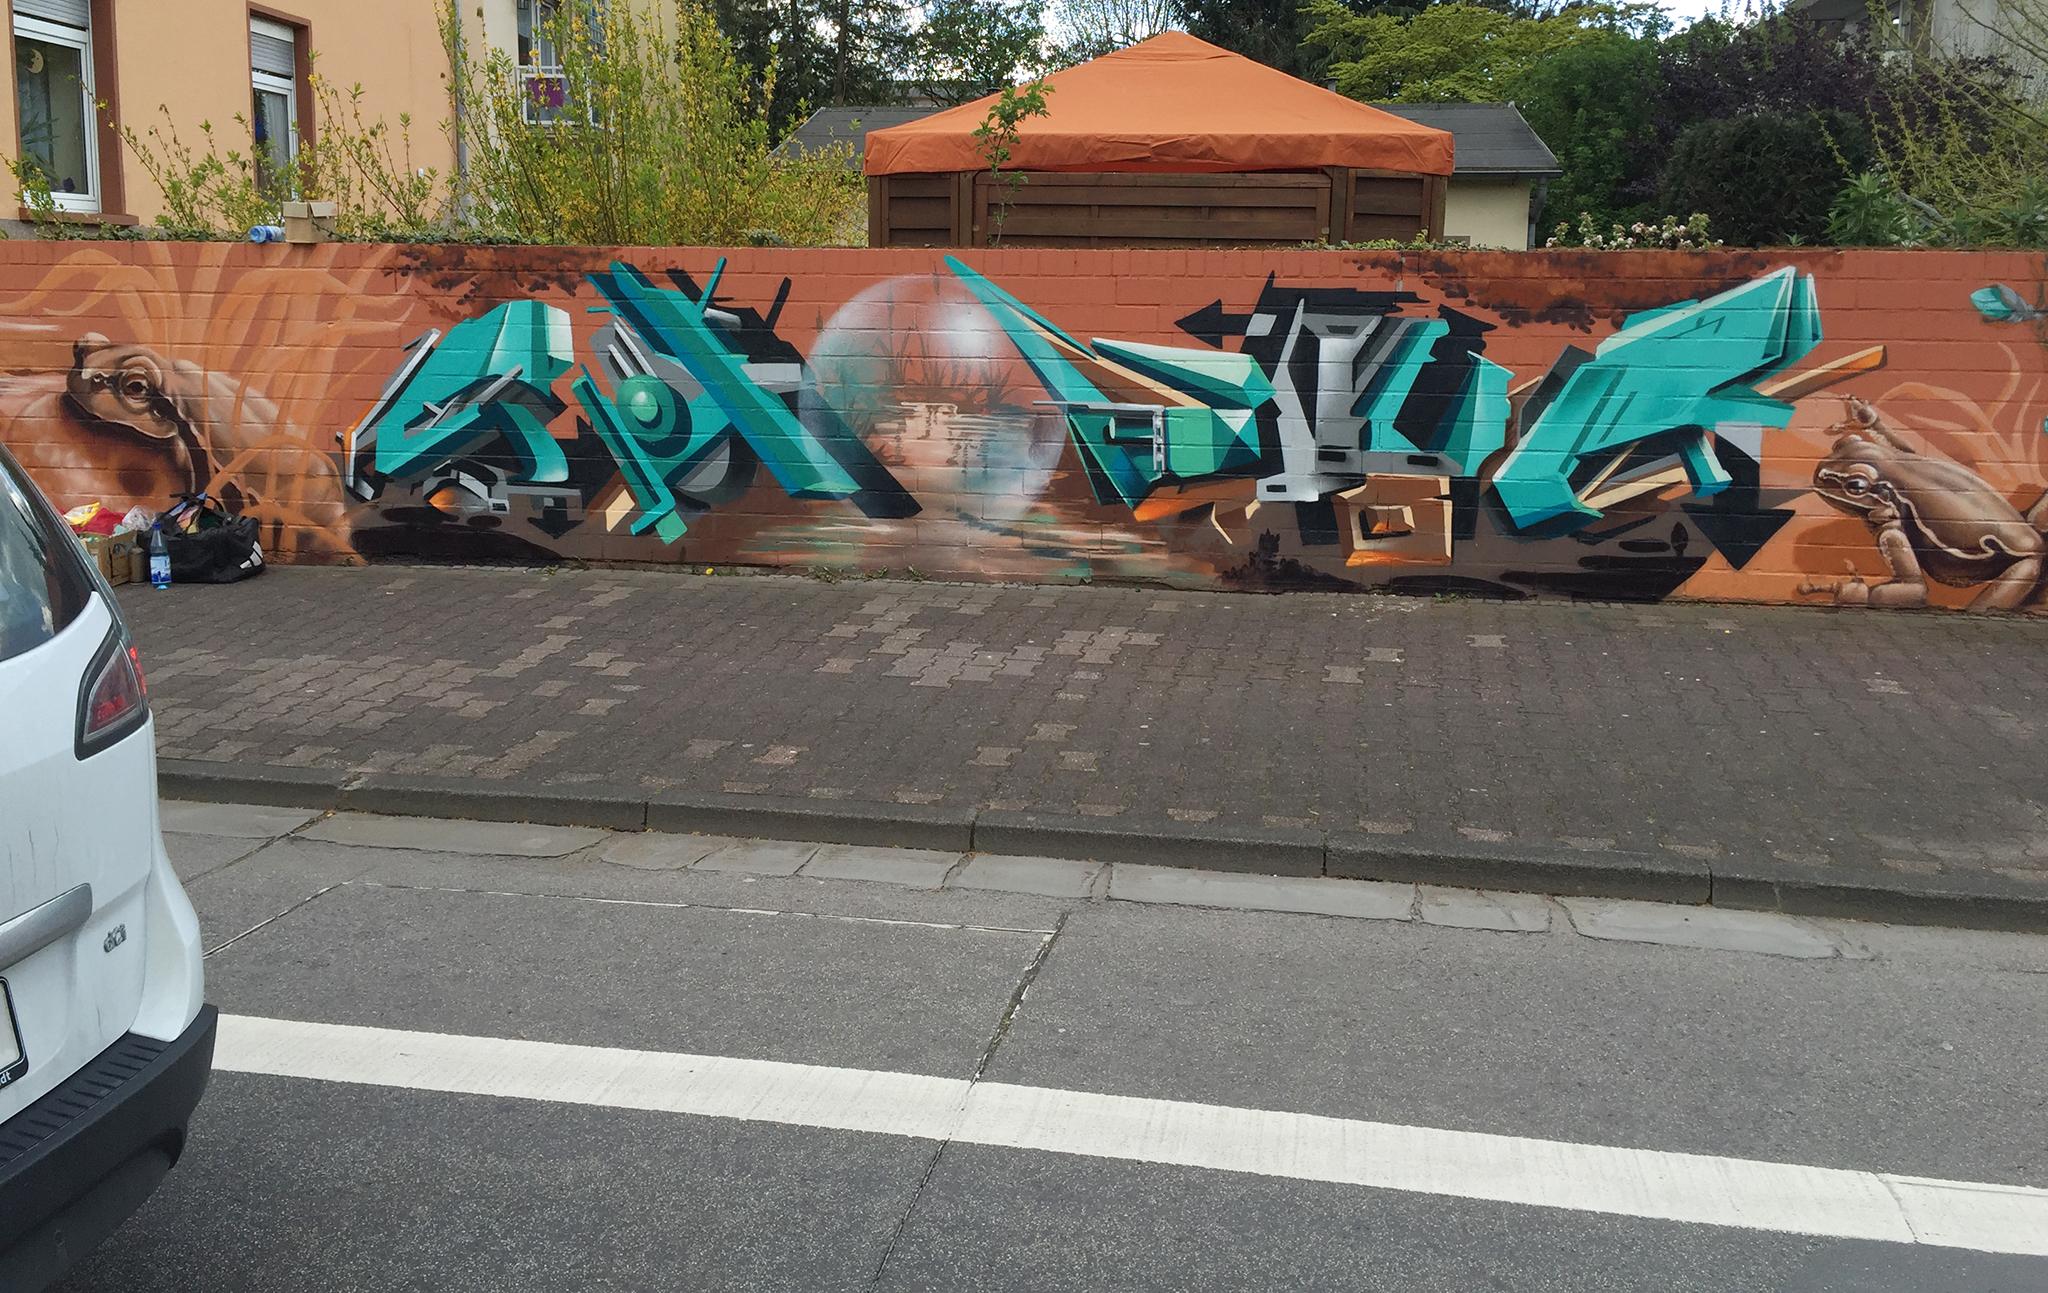 shogun_honsar_graffiti_frankfurt_2016_4